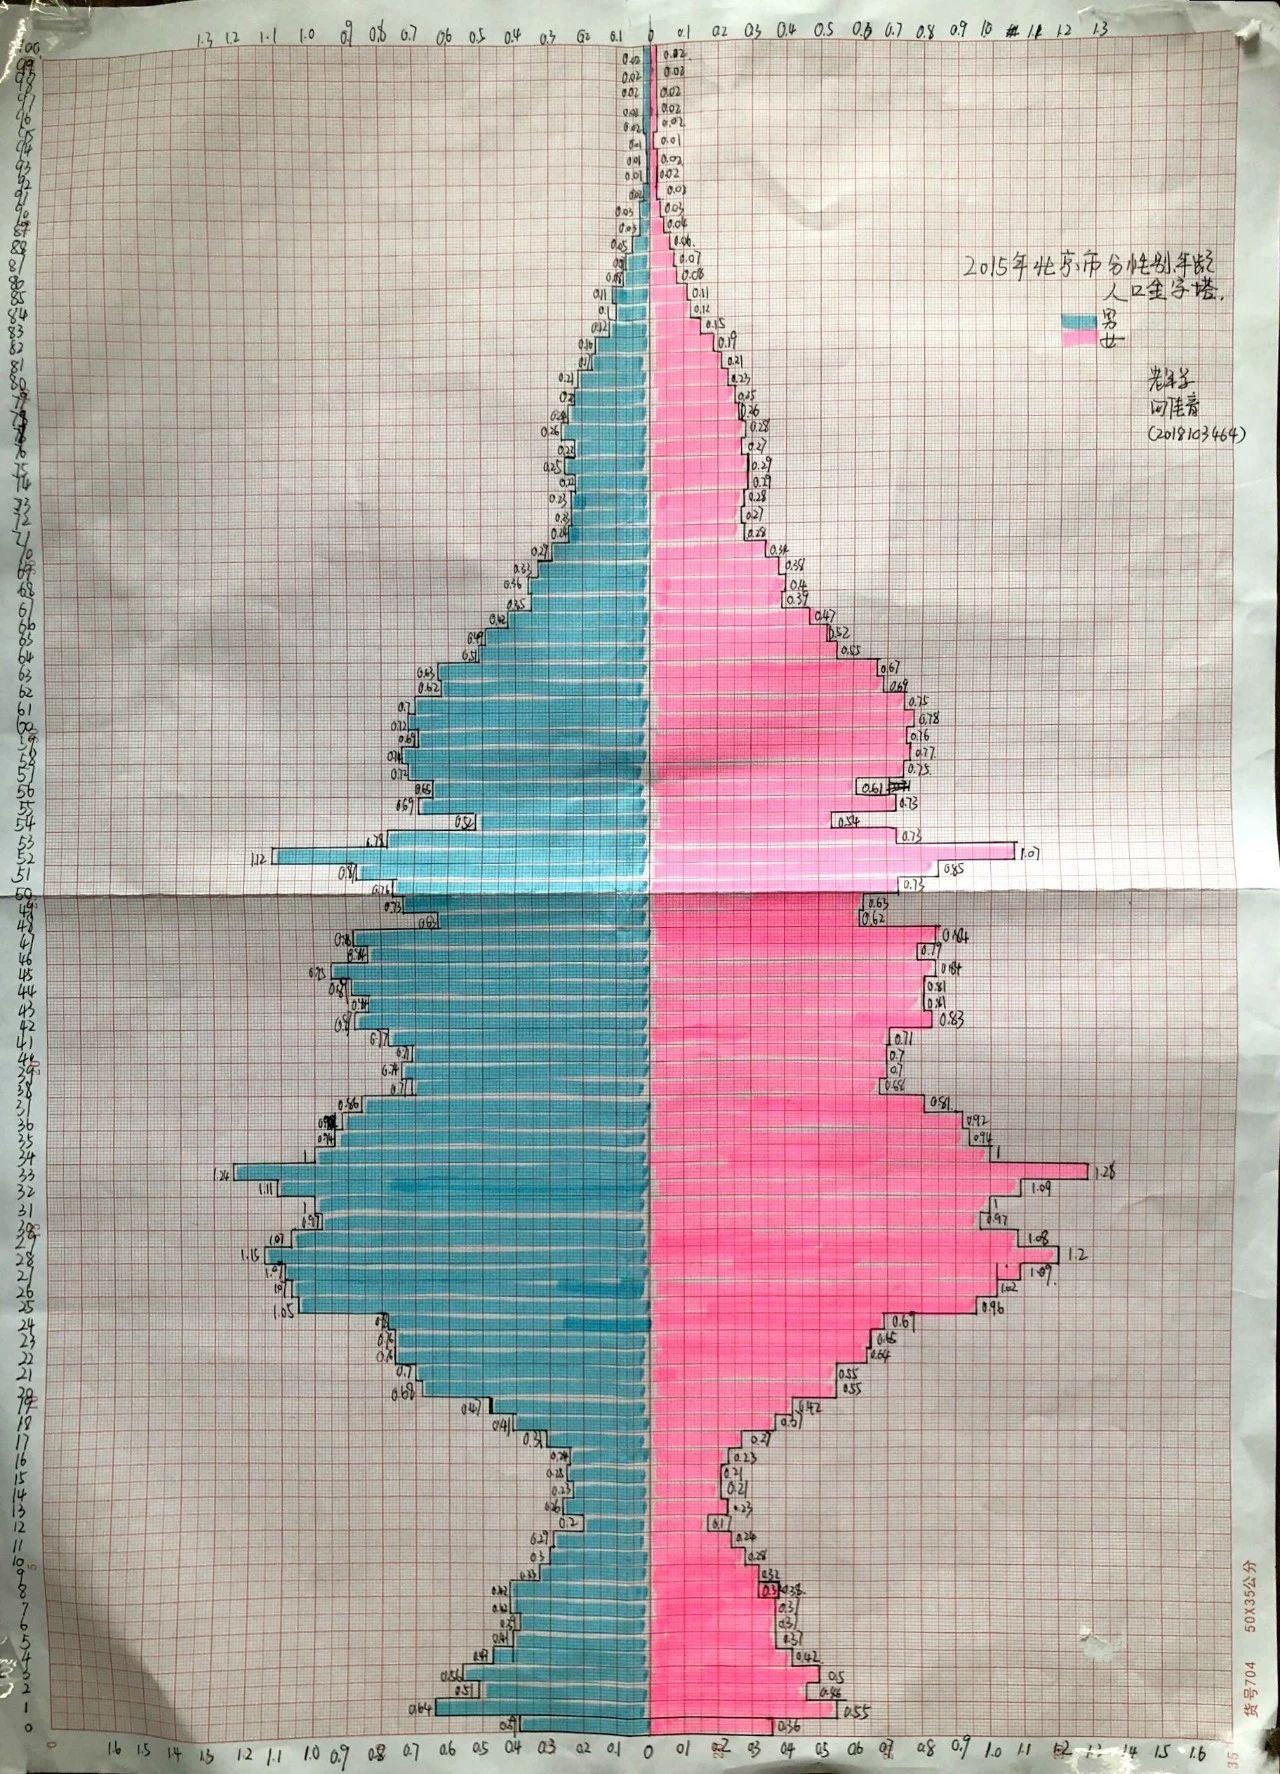 人口金字塔图_世界人口日|花样解读手绘人口金字塔